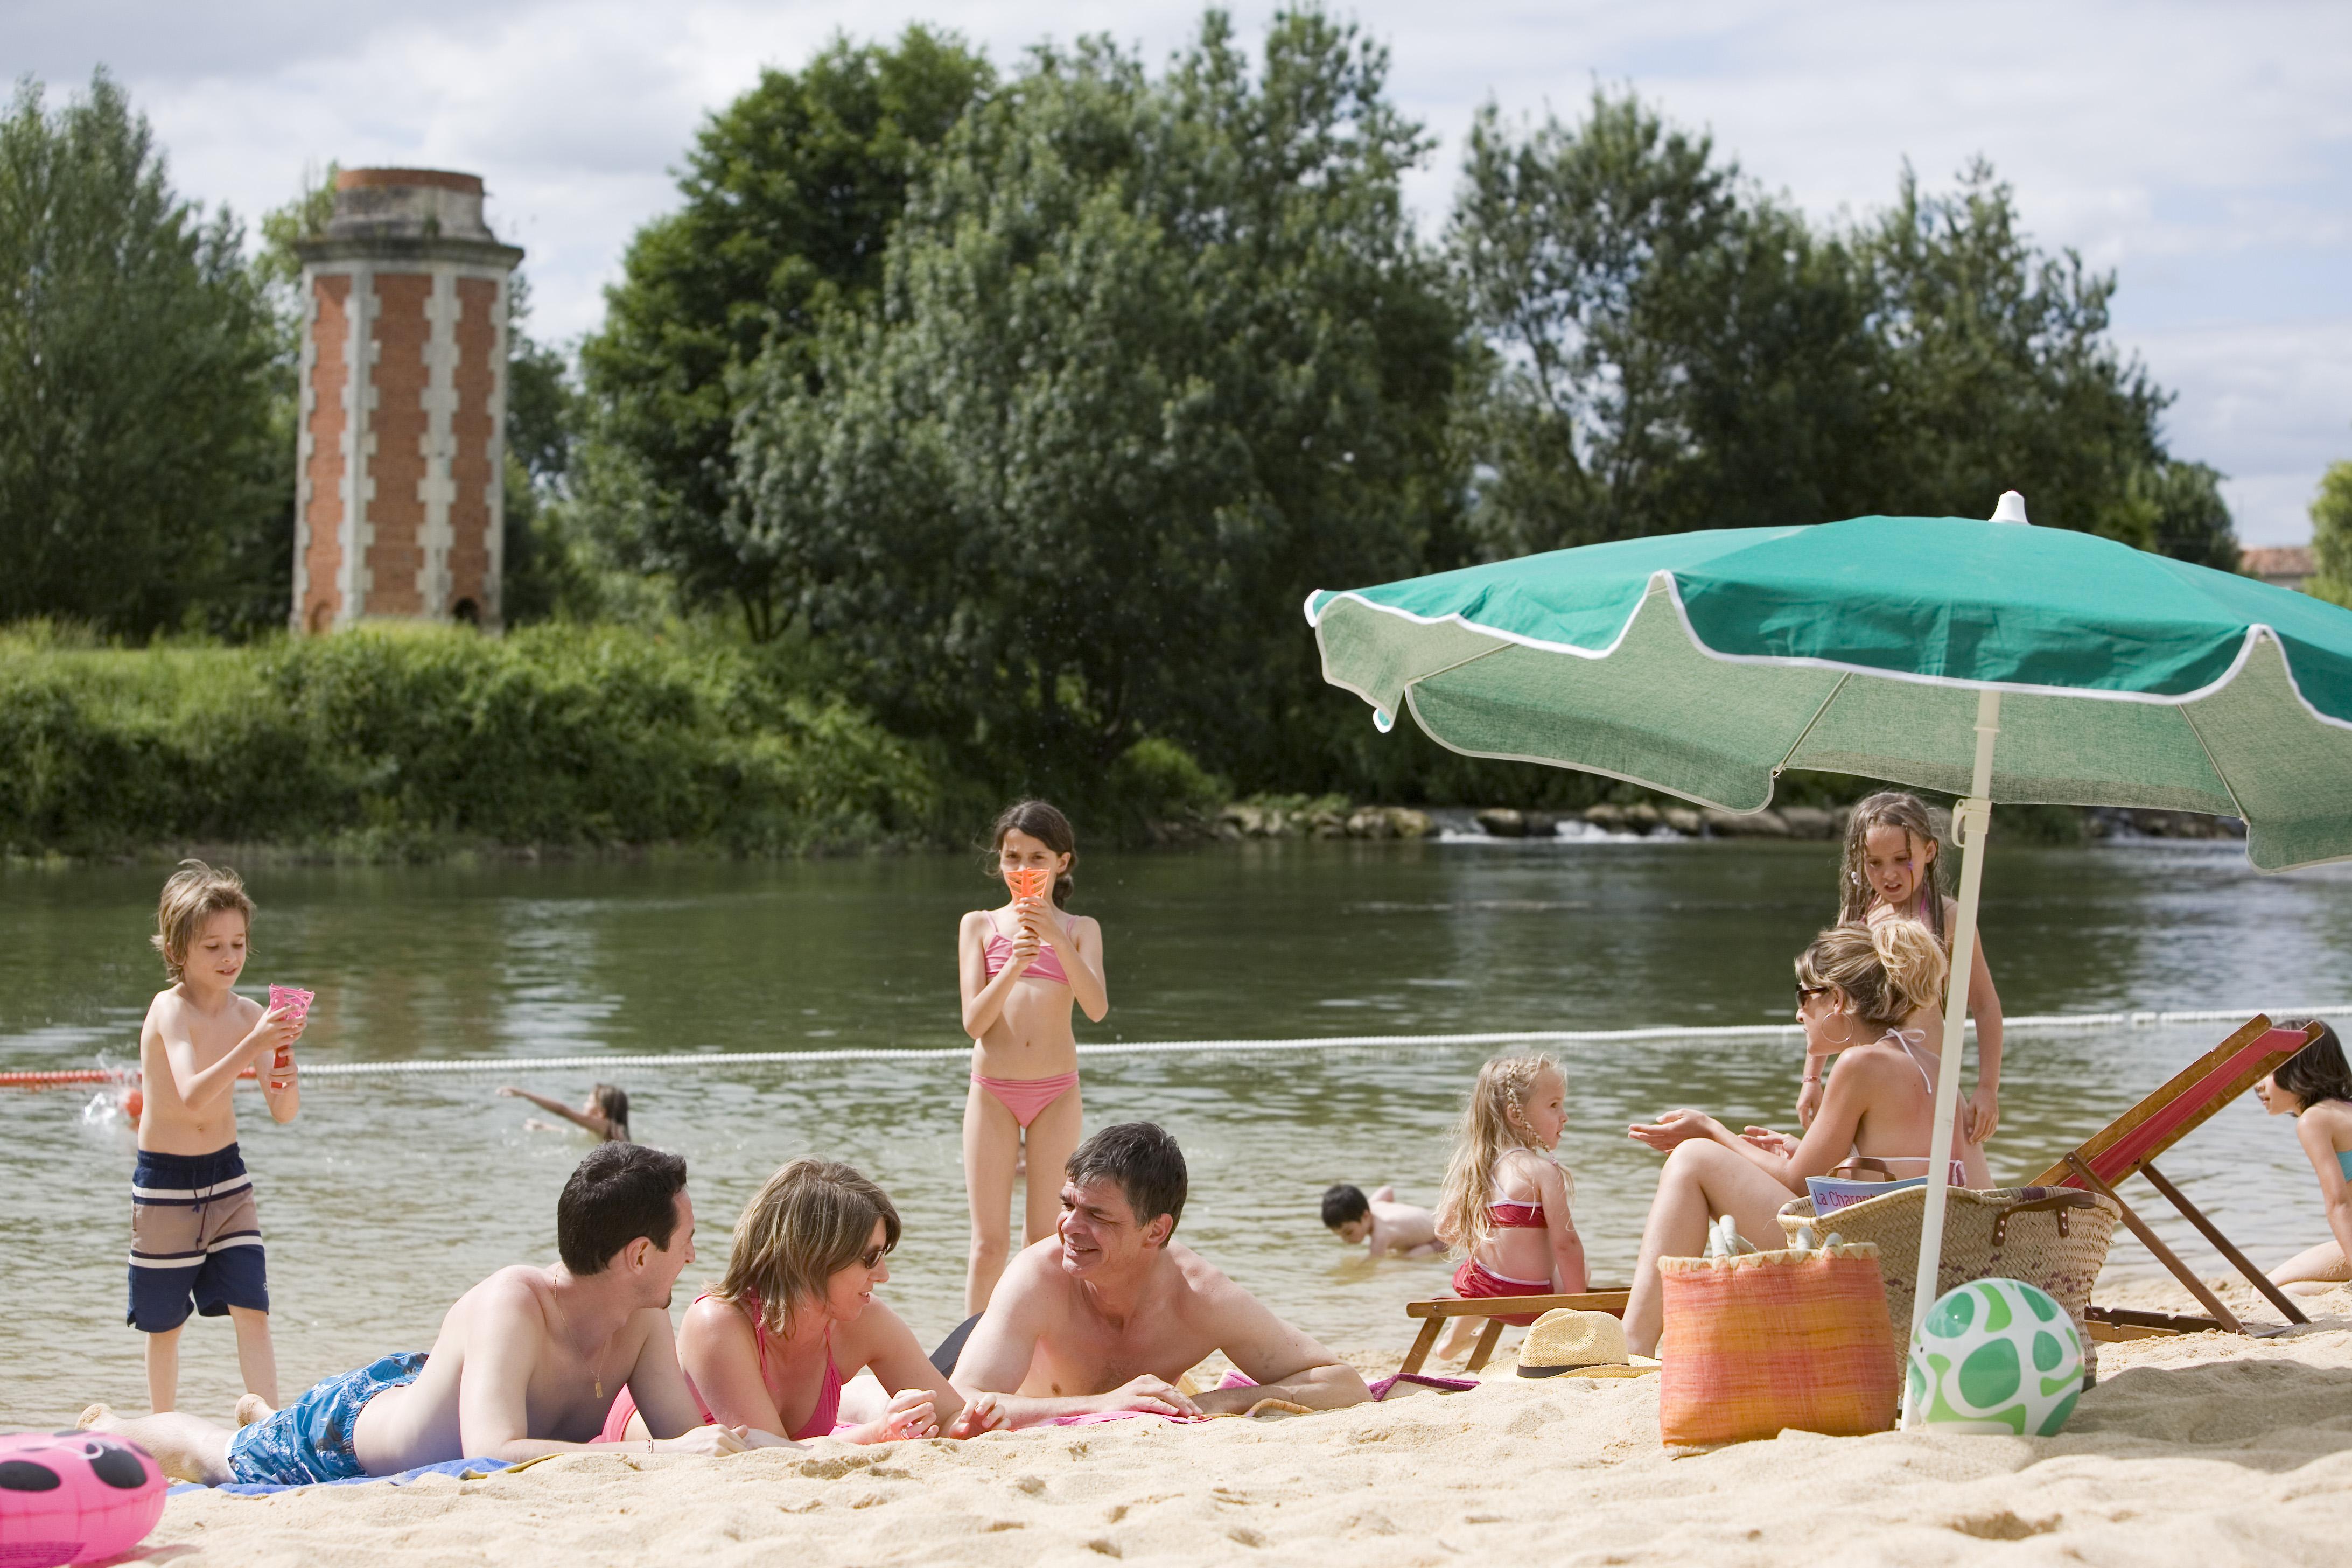 baignade bain des dames chateauneuf sur charente en croisiere inter croisieres sireuil nicols 5582 charentestourisme.jpg